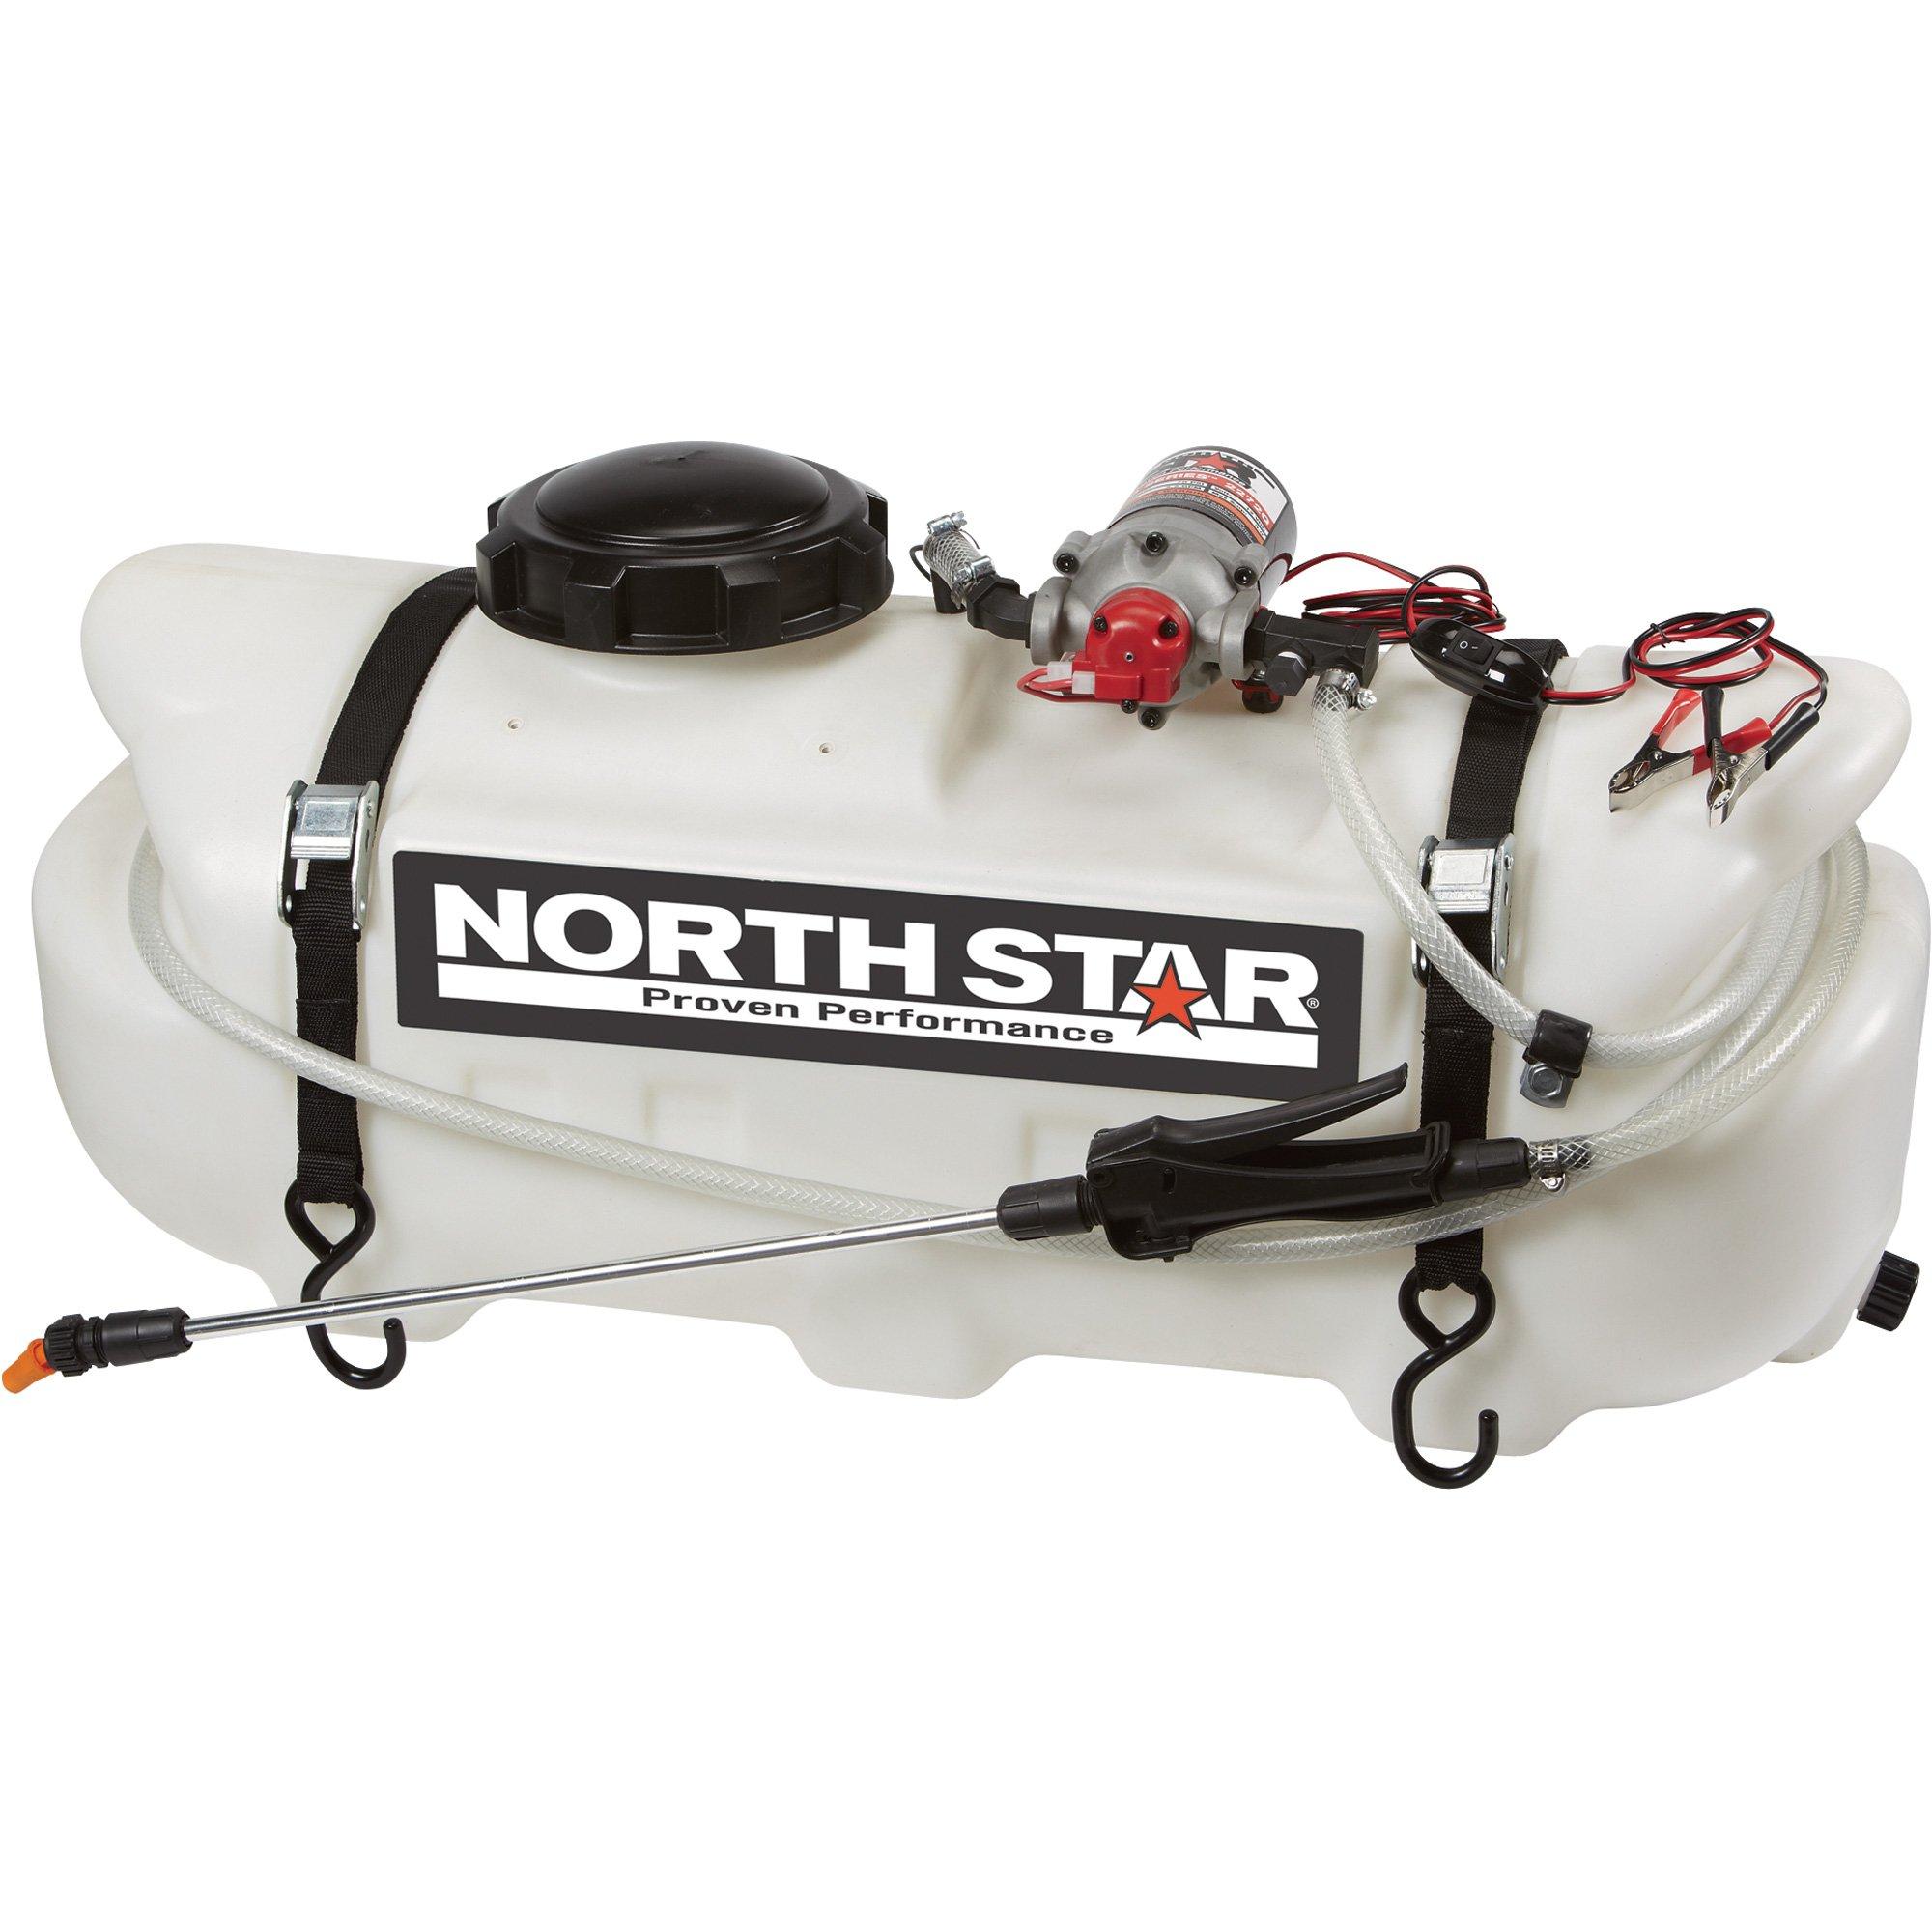 NorthStar ATV Spot Sprayer - 16 Gallon, 2.2 GPM, 12 Volt by NorthStar